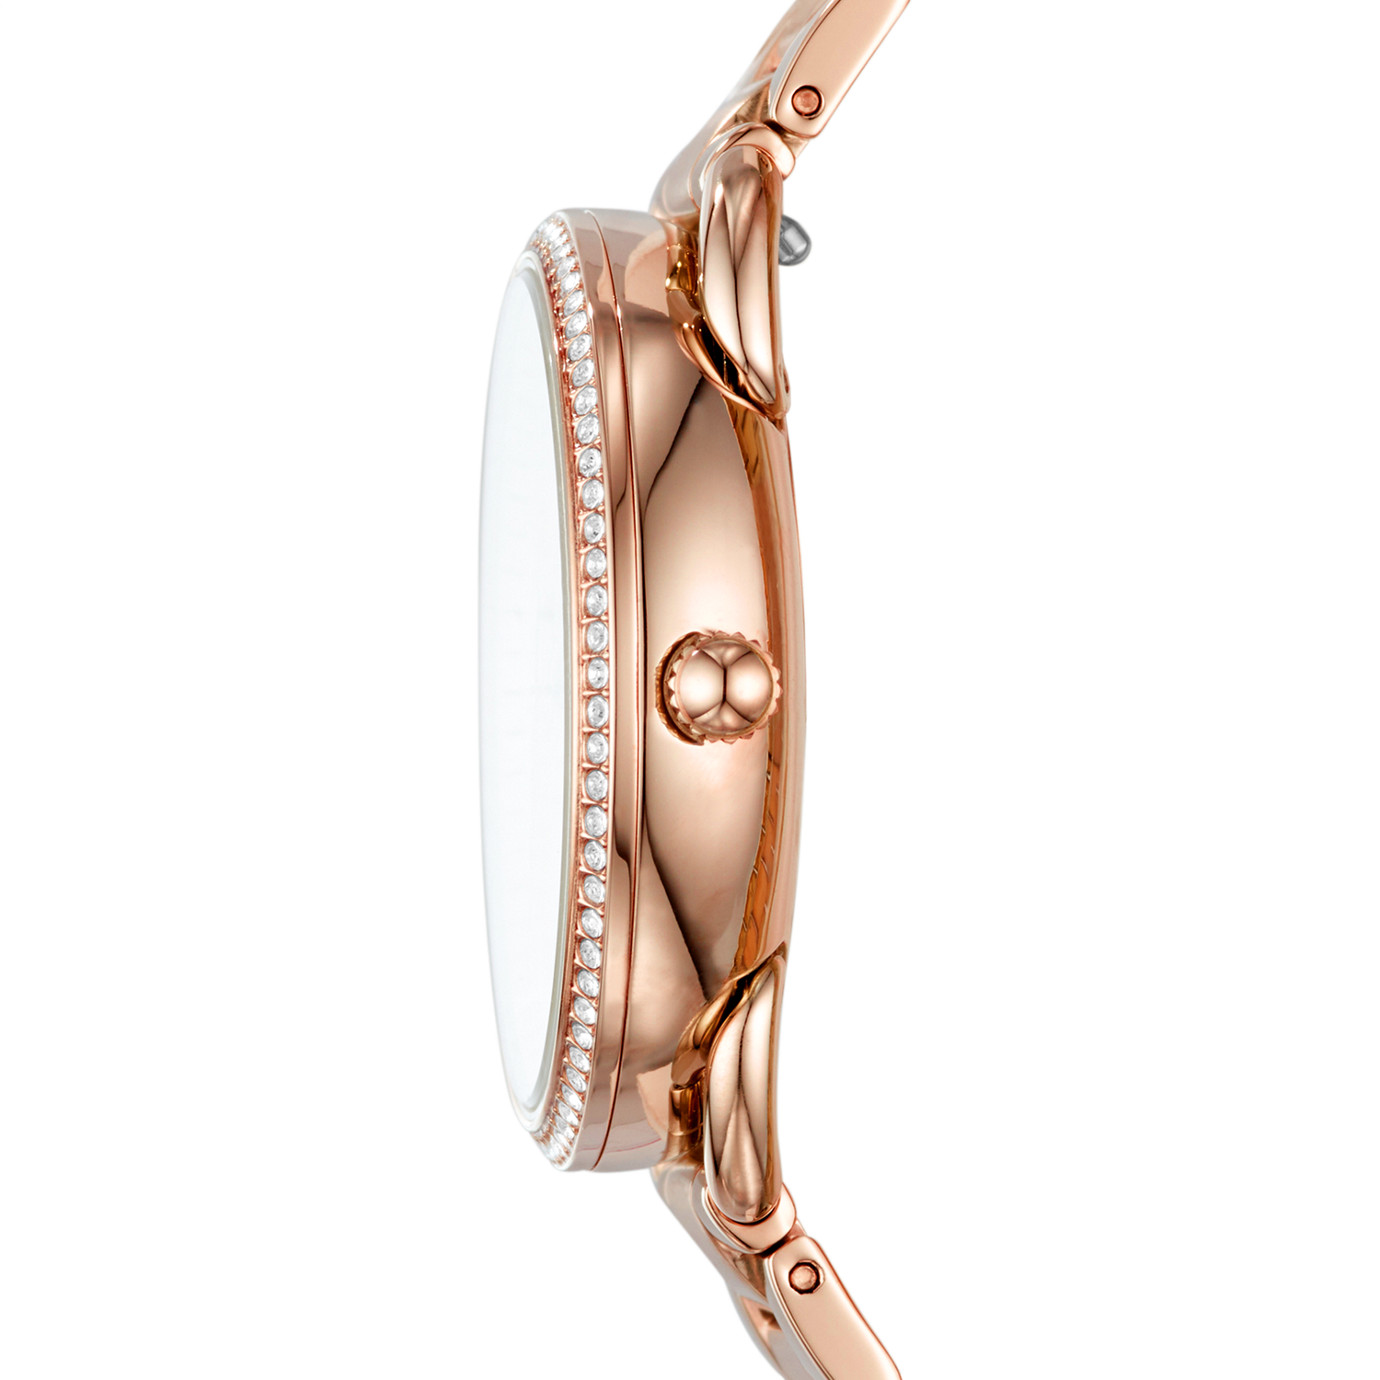 Tailor 系列多功能玫瑰金色不鏽鋼手錶